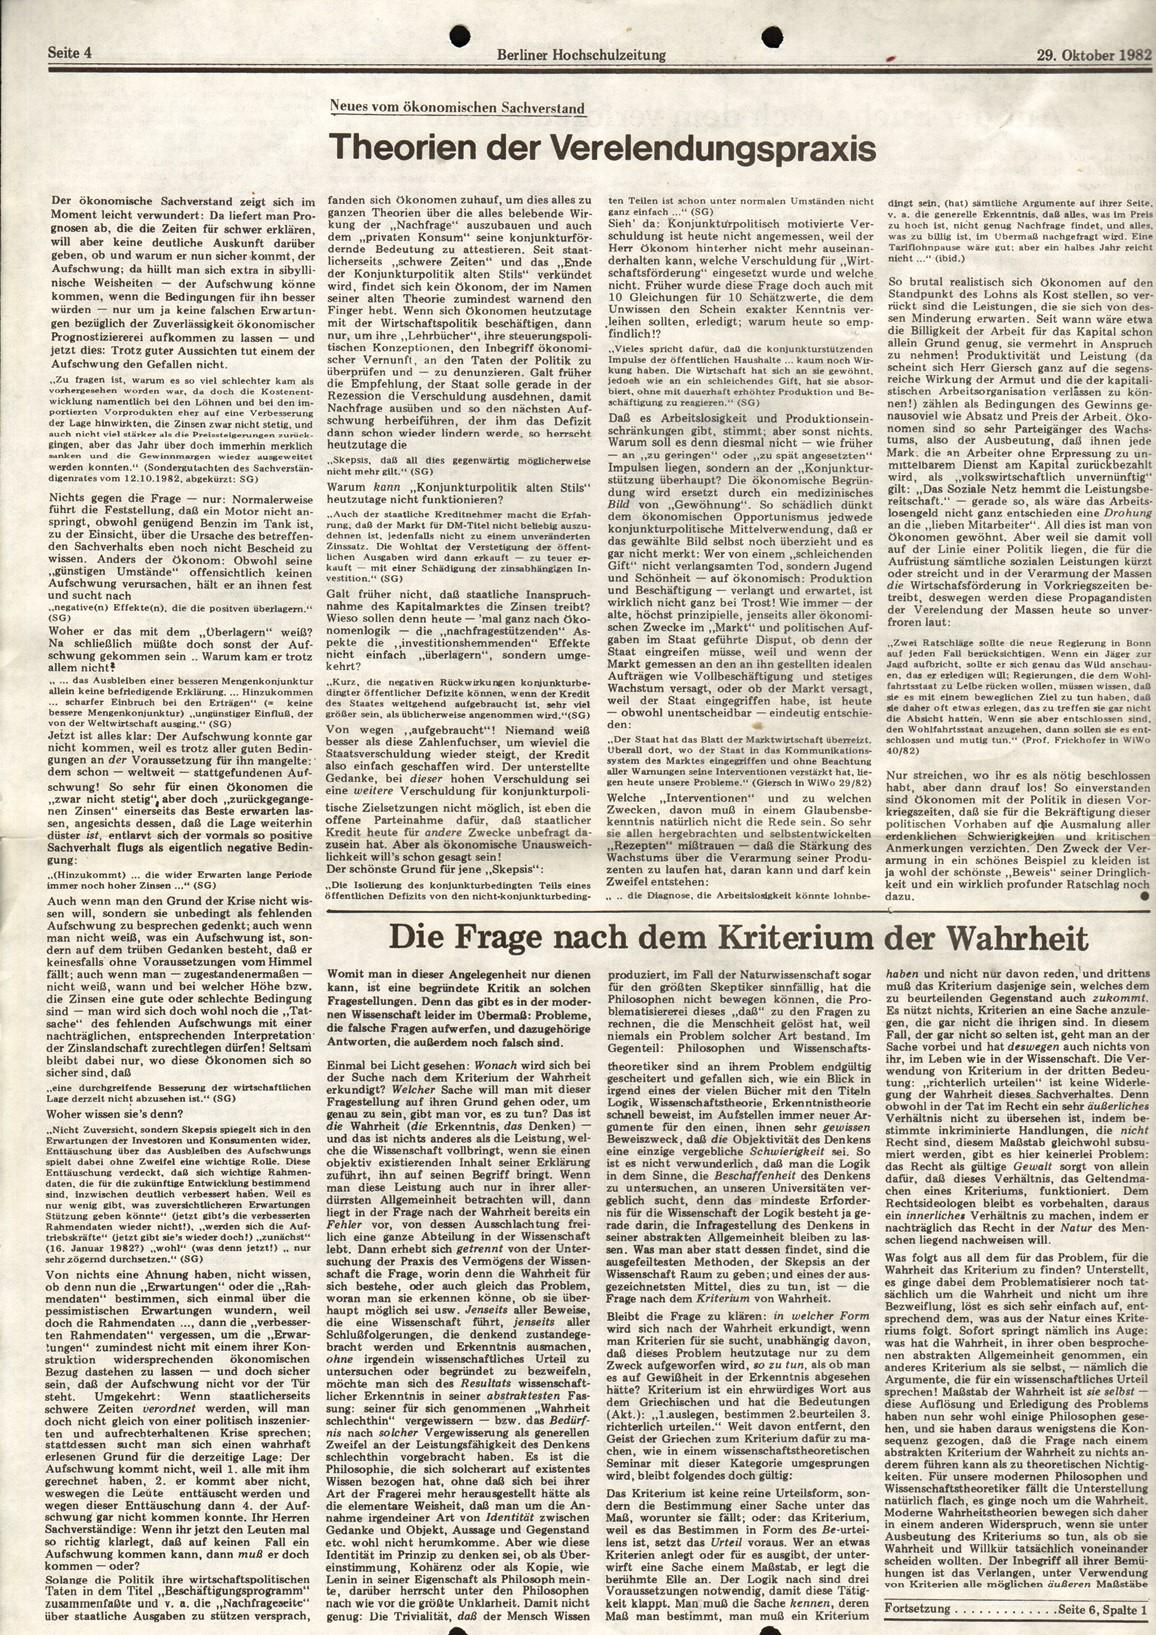 Berlin_MG_Hochschulzeitung_19821129_04